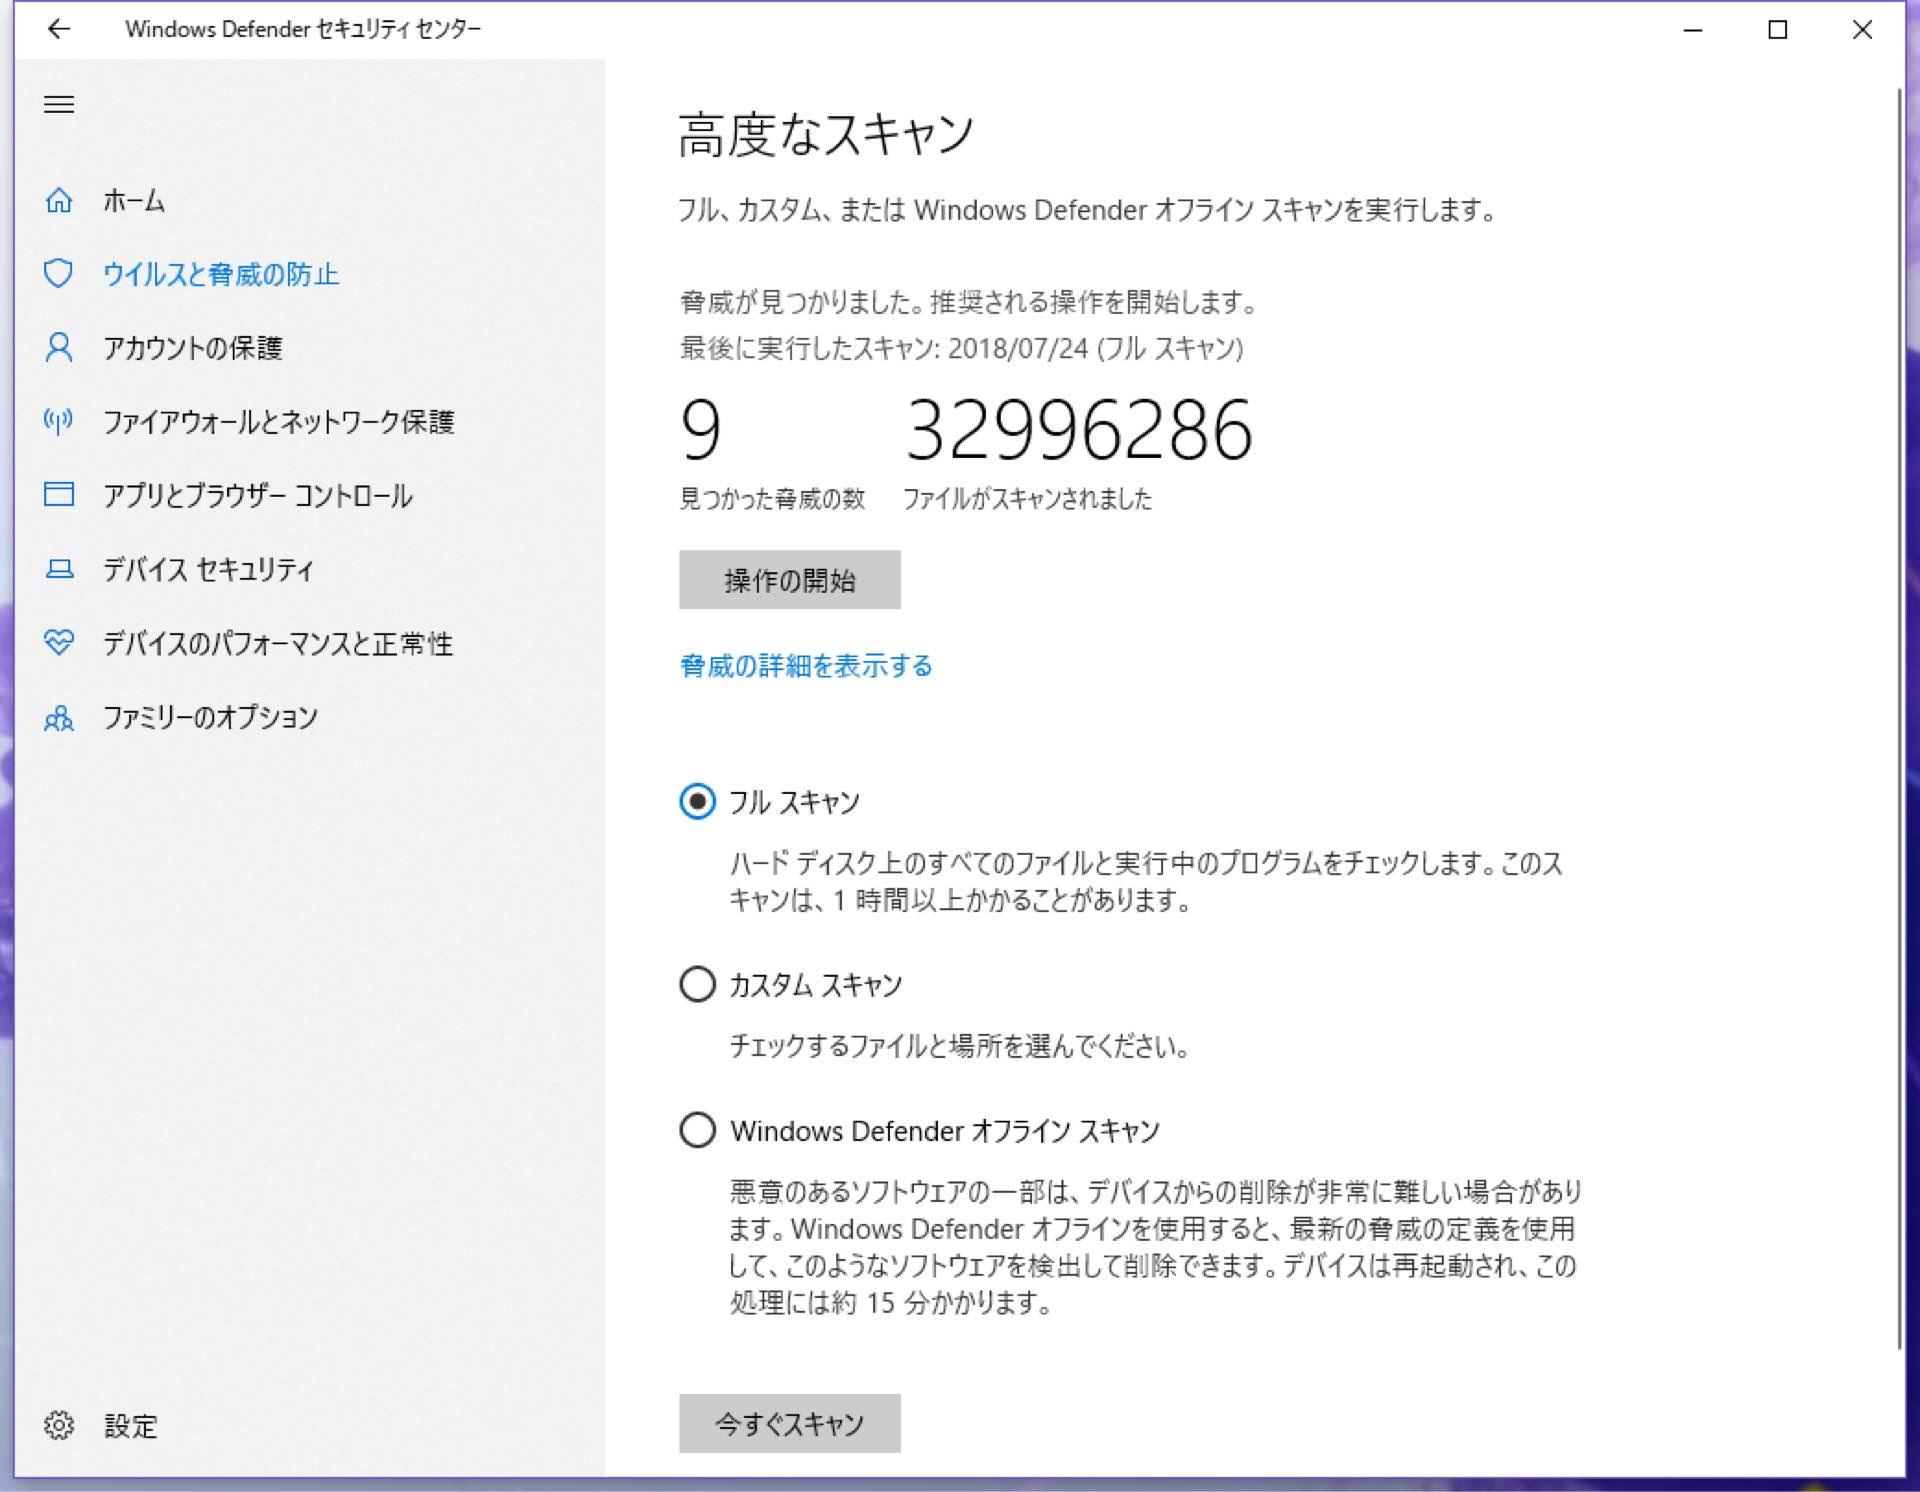 Windows Defender フルスキャンに丸3日かかった。。。 https://t.co/pdR3MpUYdy